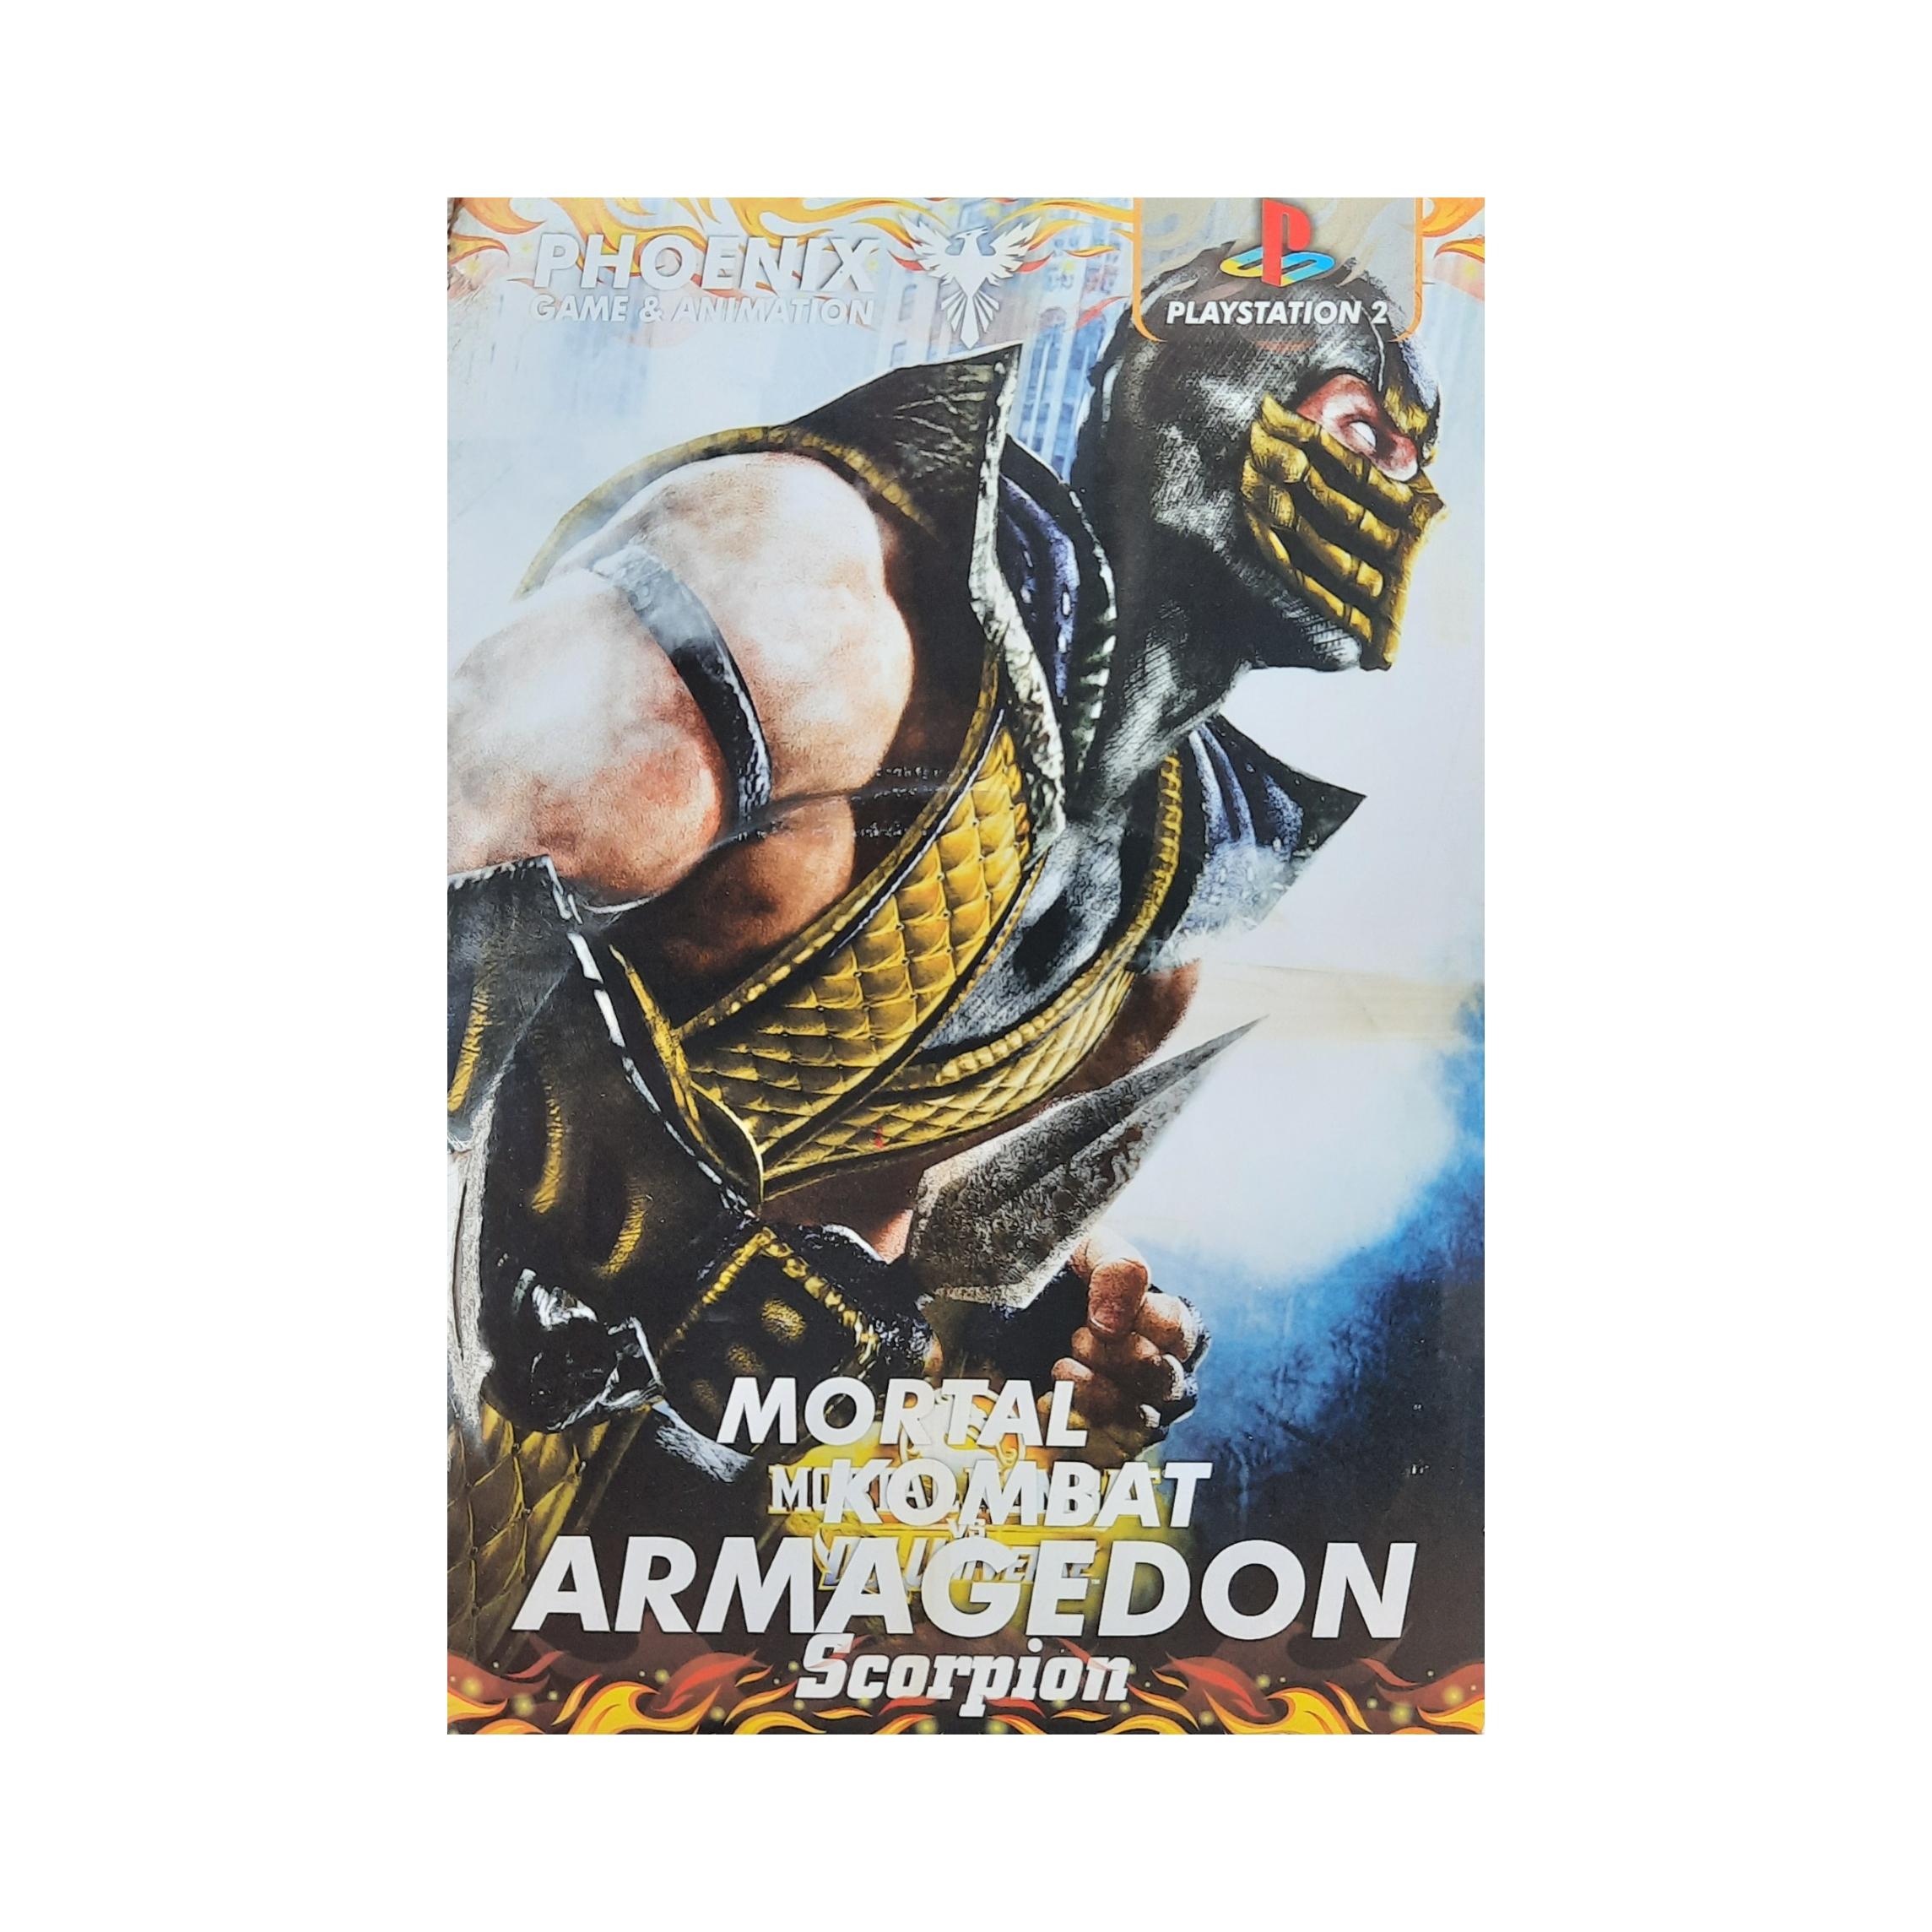 بازی Mortal Kombat Armagedon مخصوص ps2